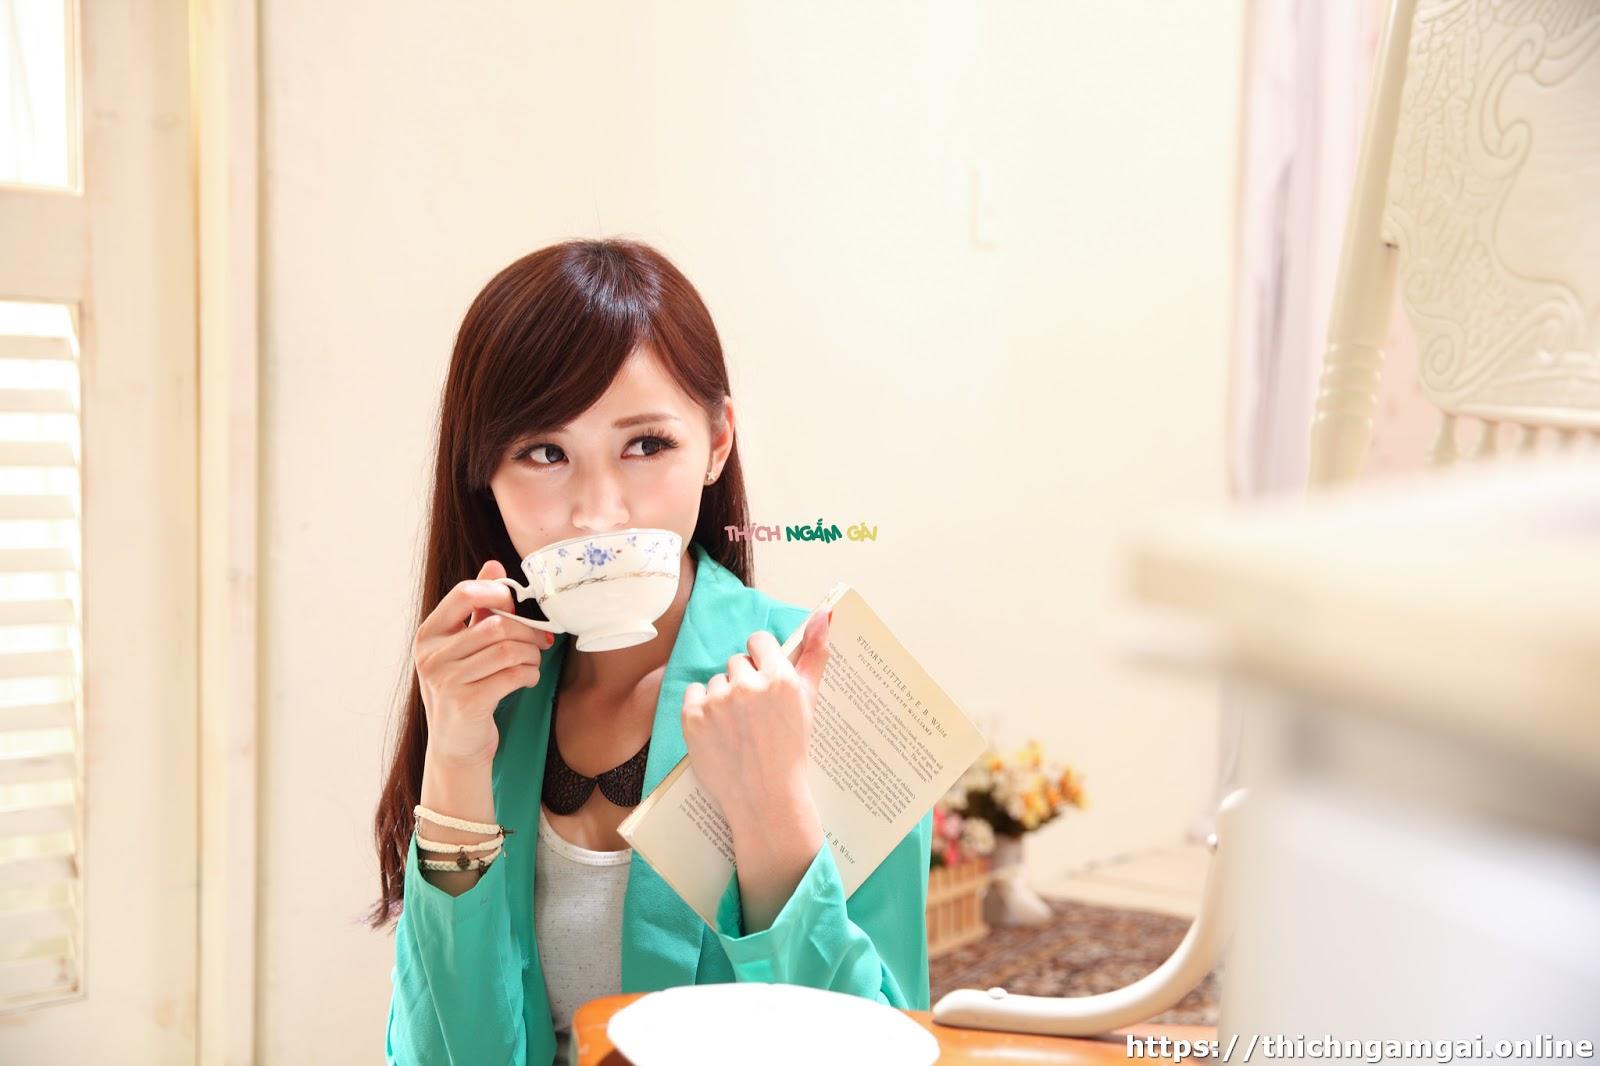 Thích Ngắm Gái 590.%2BIMG_6294%2B%2528Large%2B2048%2529 Tuyển Tập Girls Xinh Việt Nam (Phần 76)